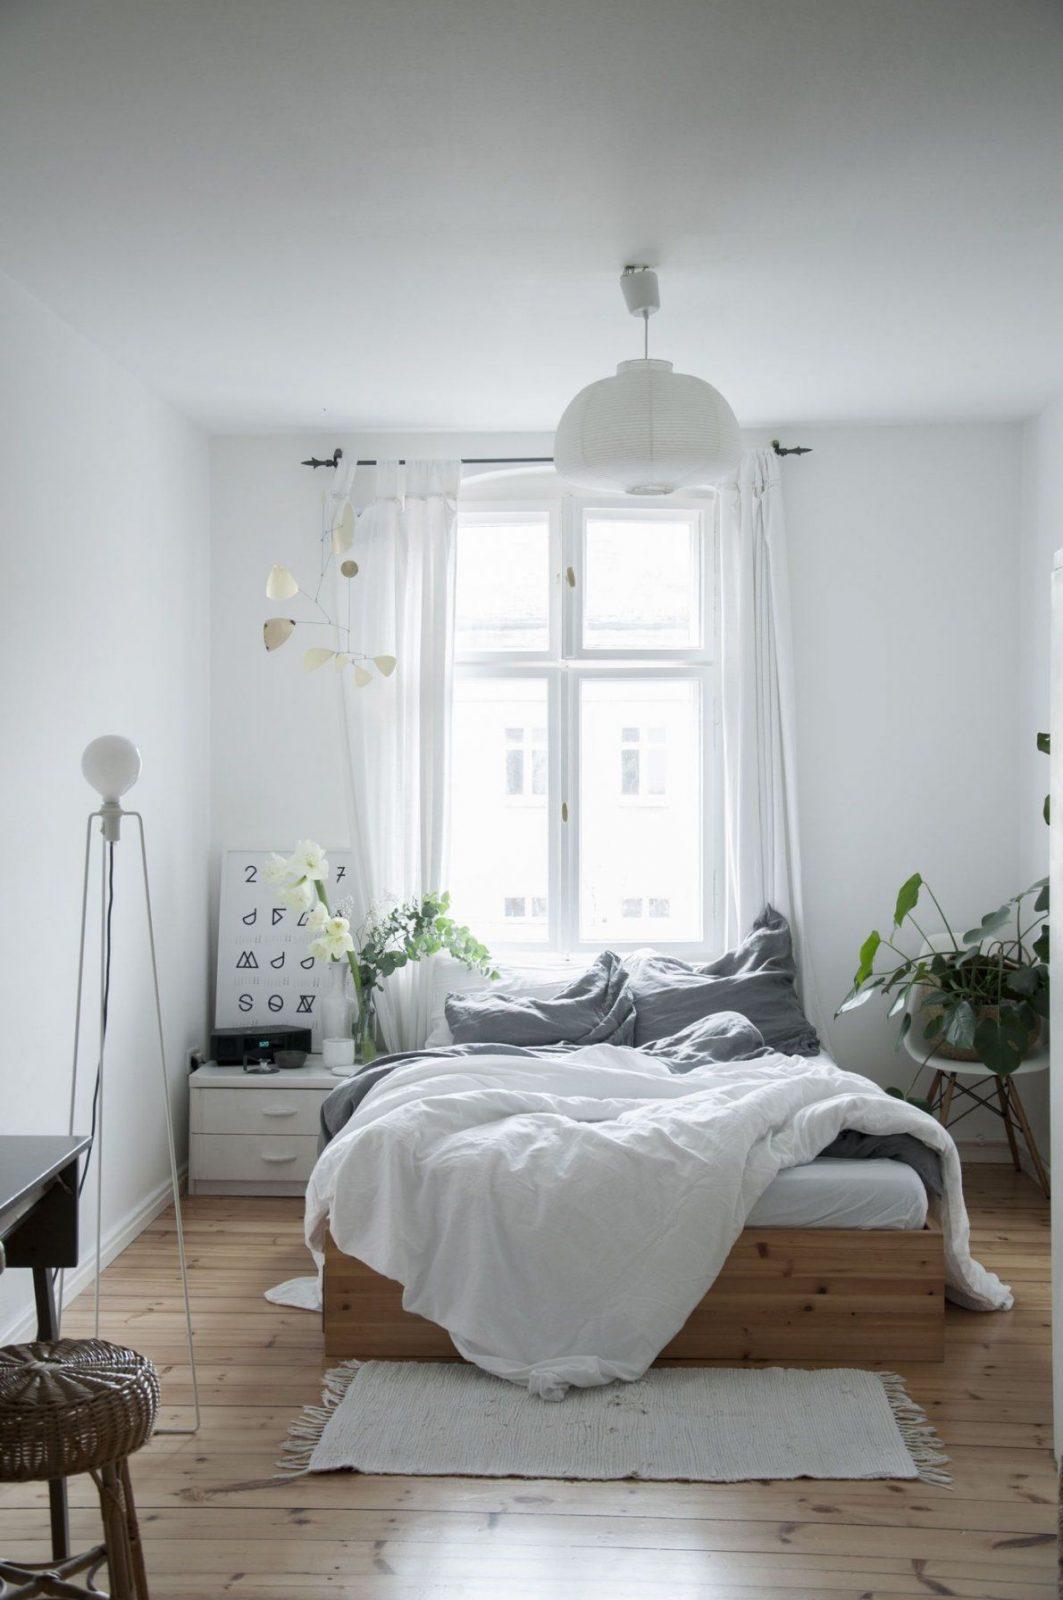 30 einrichtungsideen f r schlafzimmer den kleinen raum optimal nutzen von schlafzimmer f r. Black Bedroom Furniture Sets. Home Design Ideas